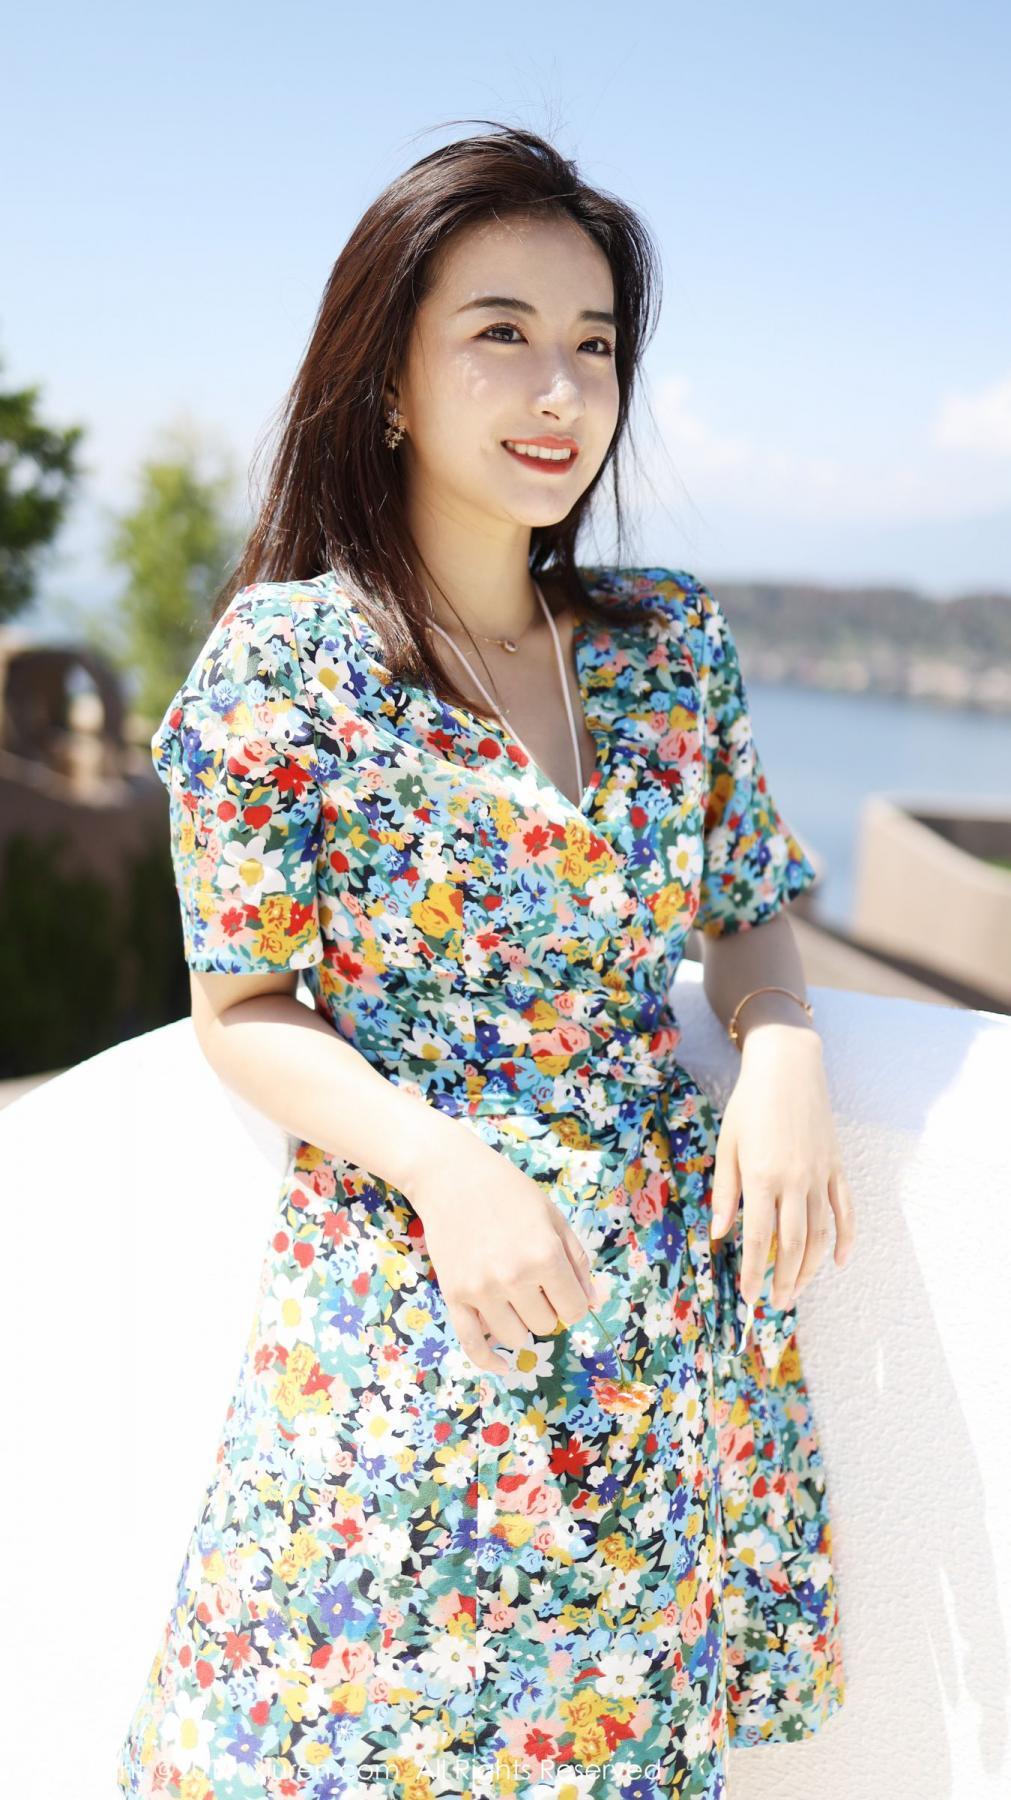 [XiuRen] Vol.1641 Gong Tian Yi 34P, Gong Tian Yi, Pretty, Temperament, Xiuren